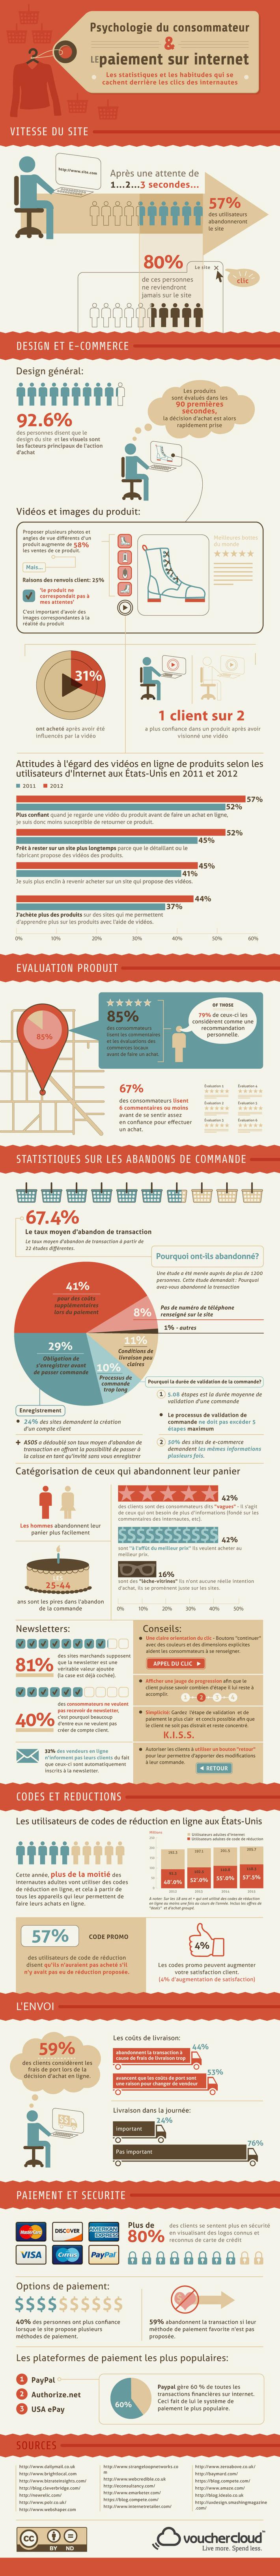 [Infographie] Psychologie du consommateur et paiement en ligne | Solutions locales | Scoop.it